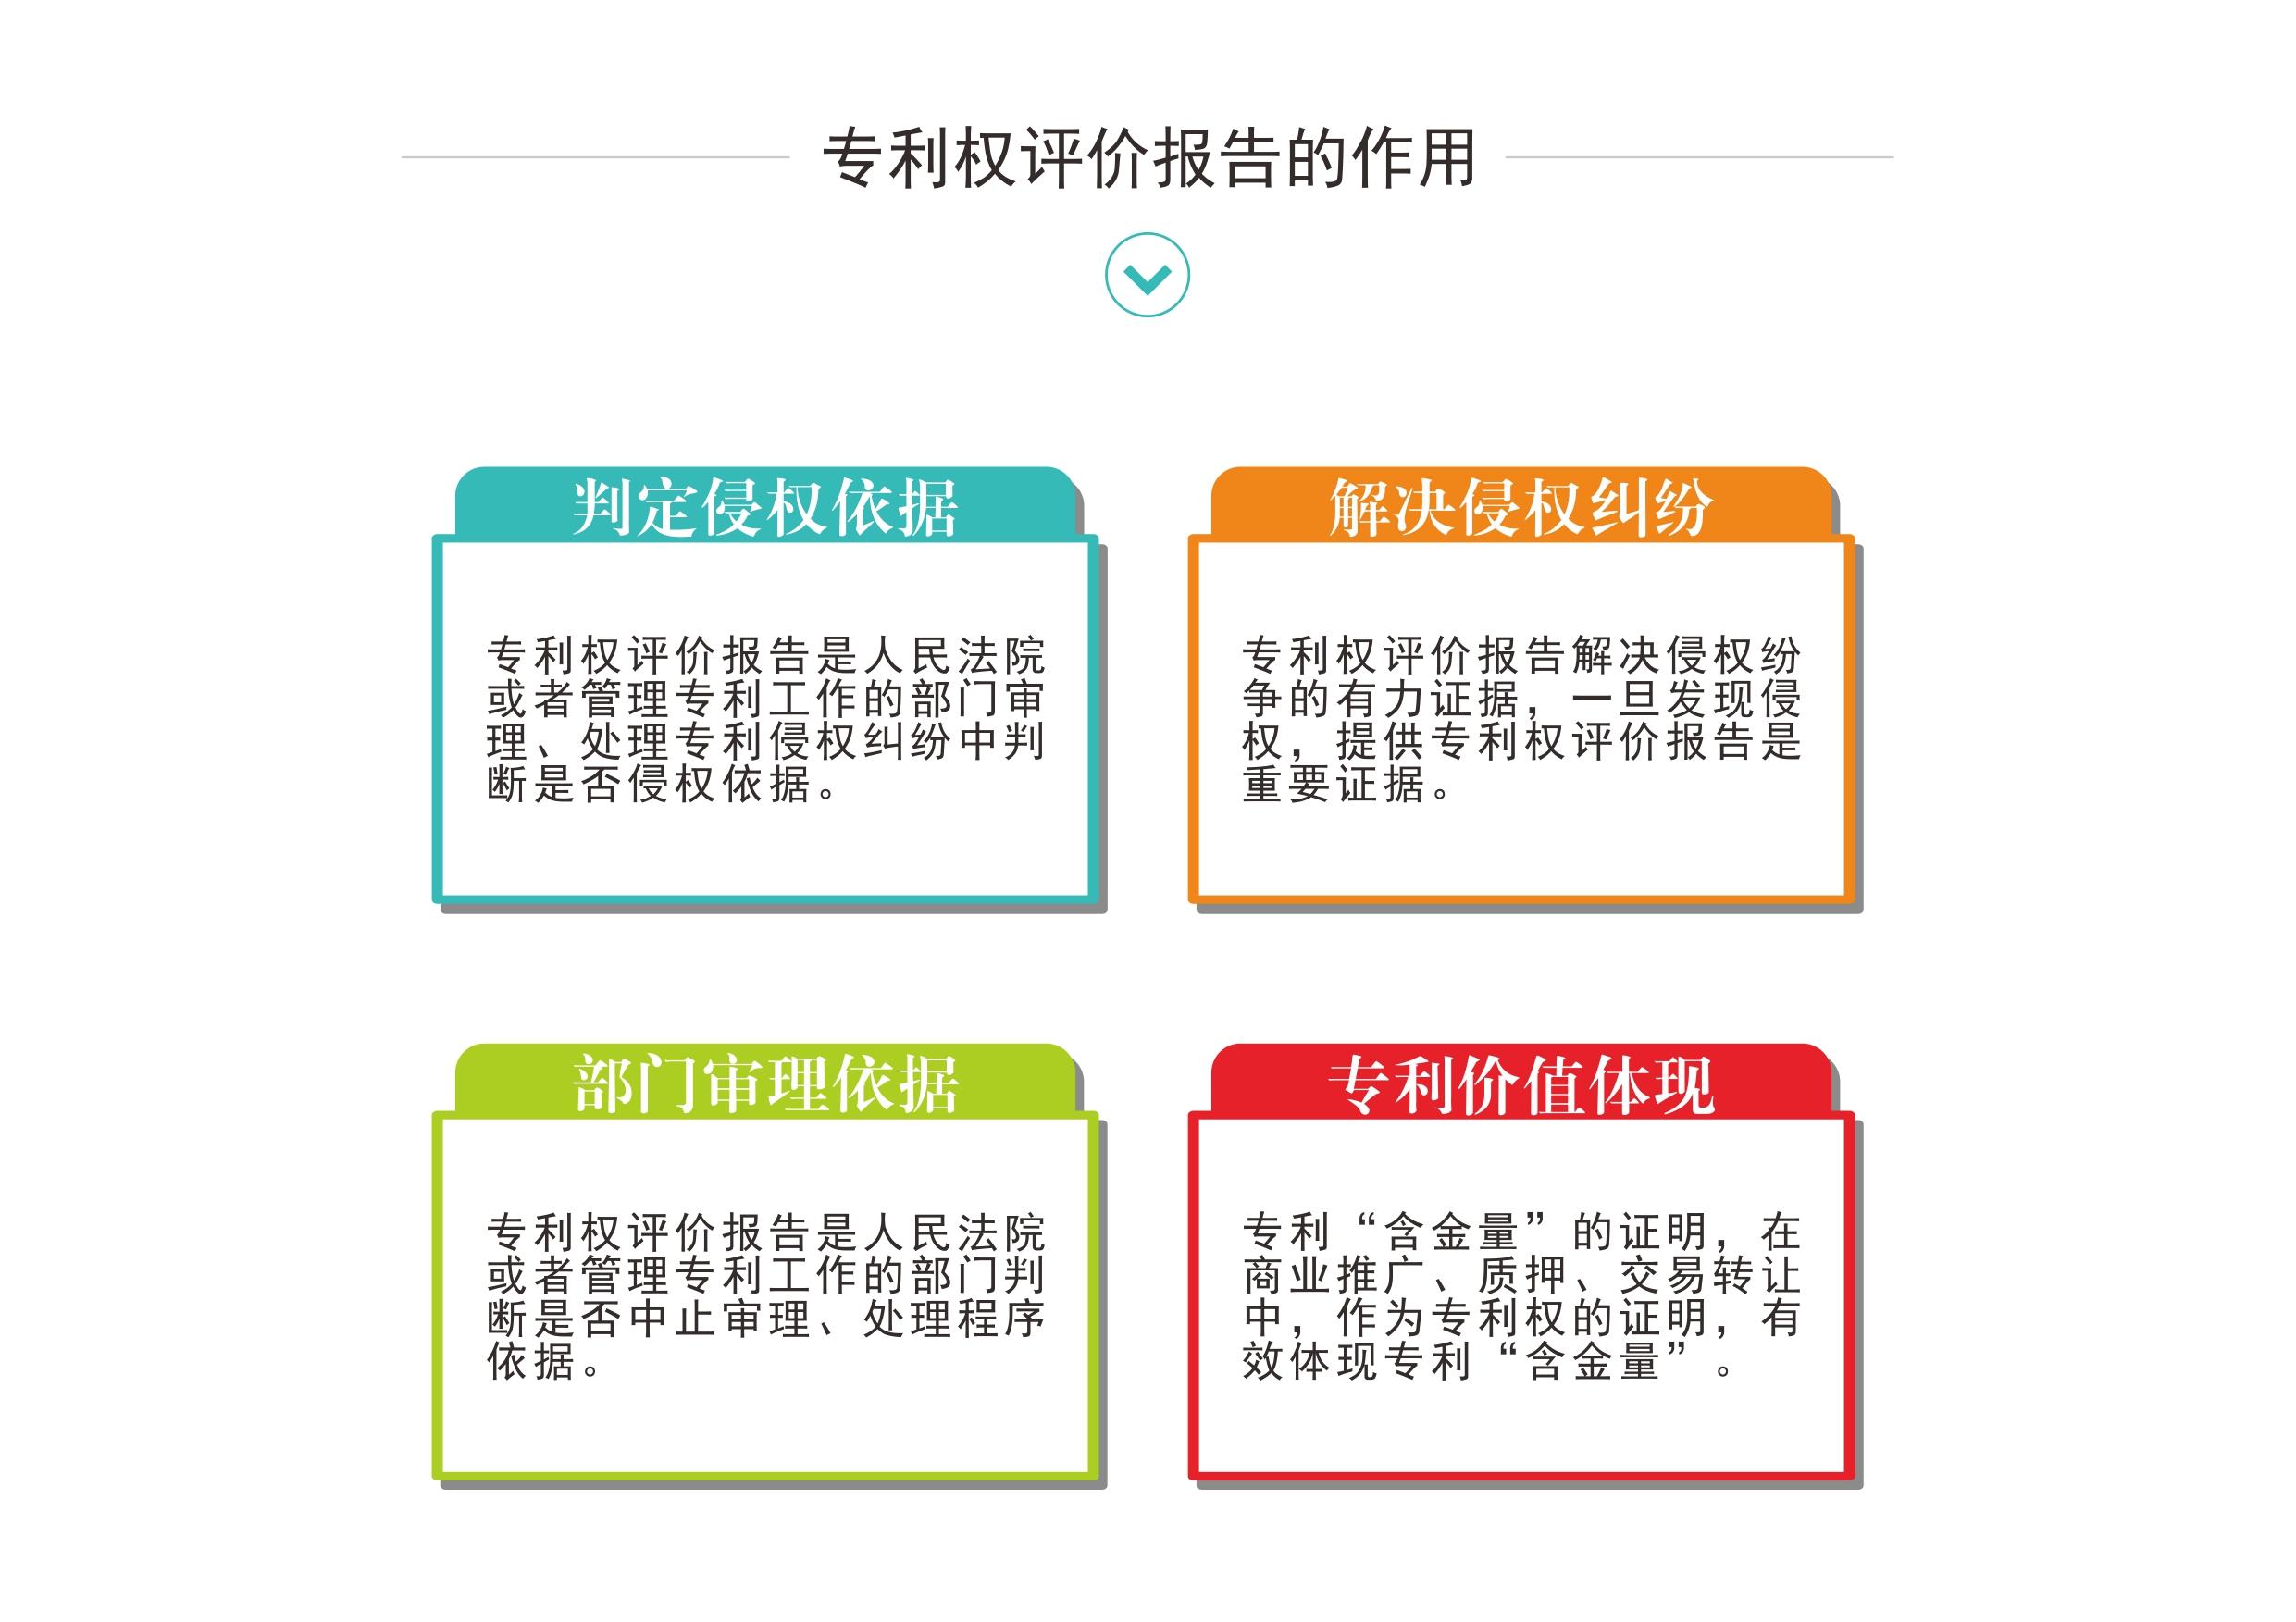 澄海专利权评价报告服务